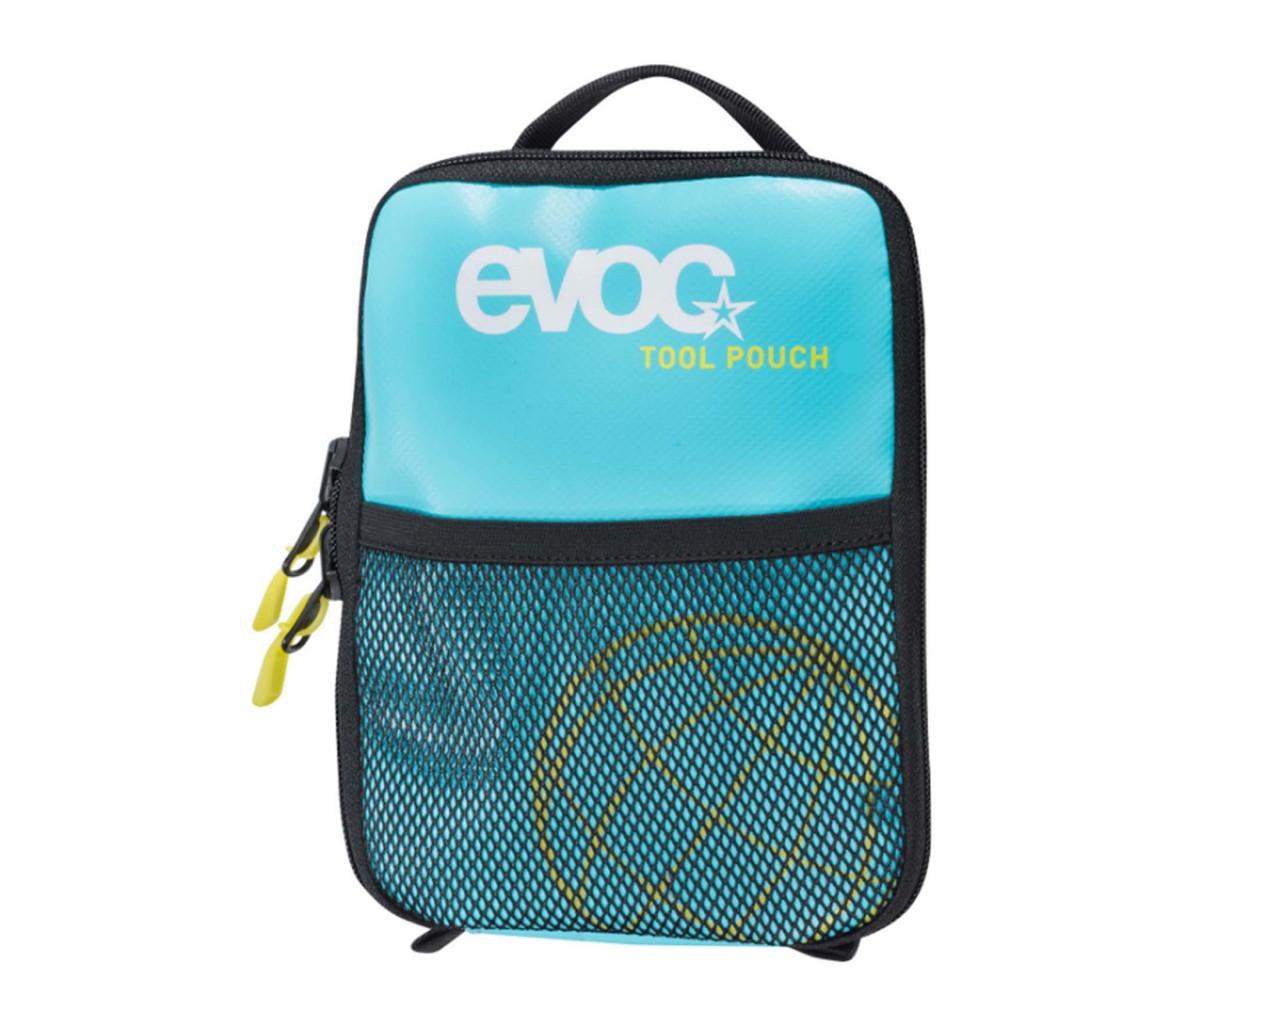 Evoc Tool Pouch 0.6 liter - wasserresistente Multifunktionstasche | neon blue